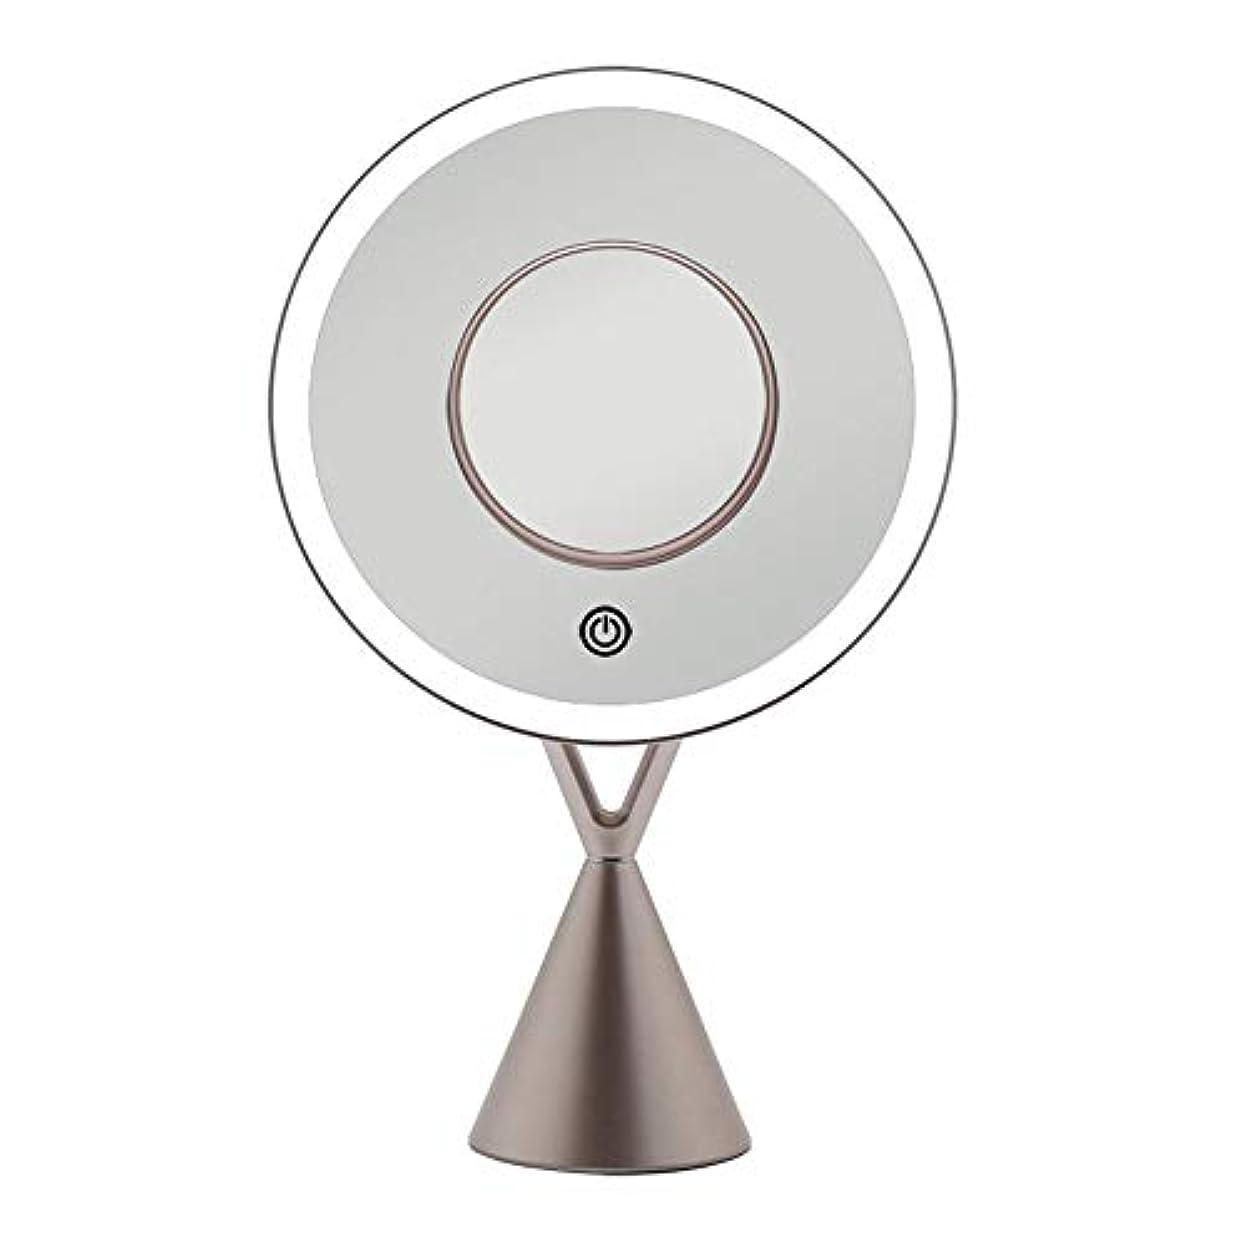 動機検出するアジア流行の LEDフィルライトデスクトップミラー5倍磁気吸引拡大鏡45度自由調整ローズゴールドギフト